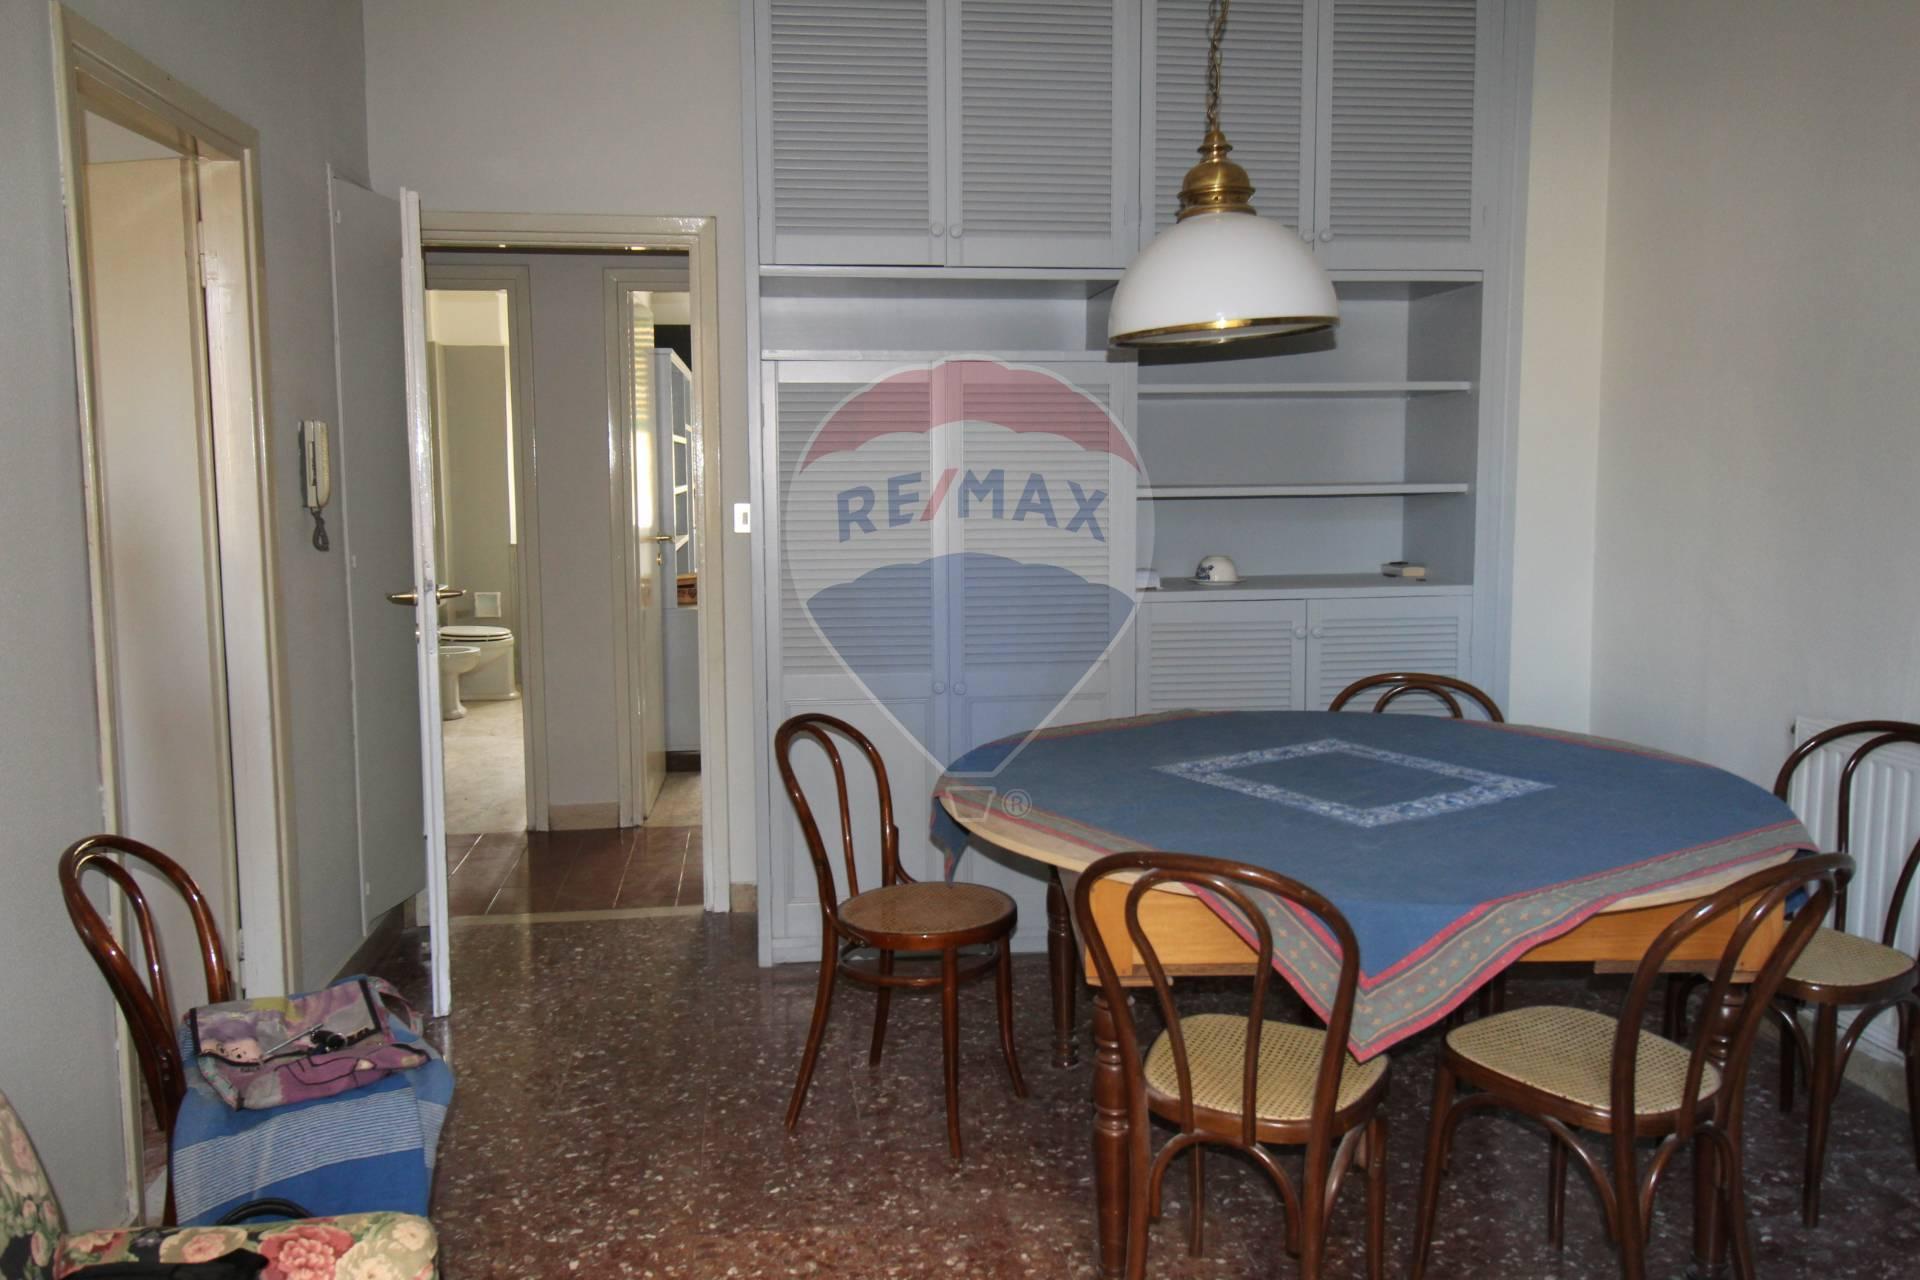 catania affitto quart: viale m. rapisardi - lavaggi re-max-city-home